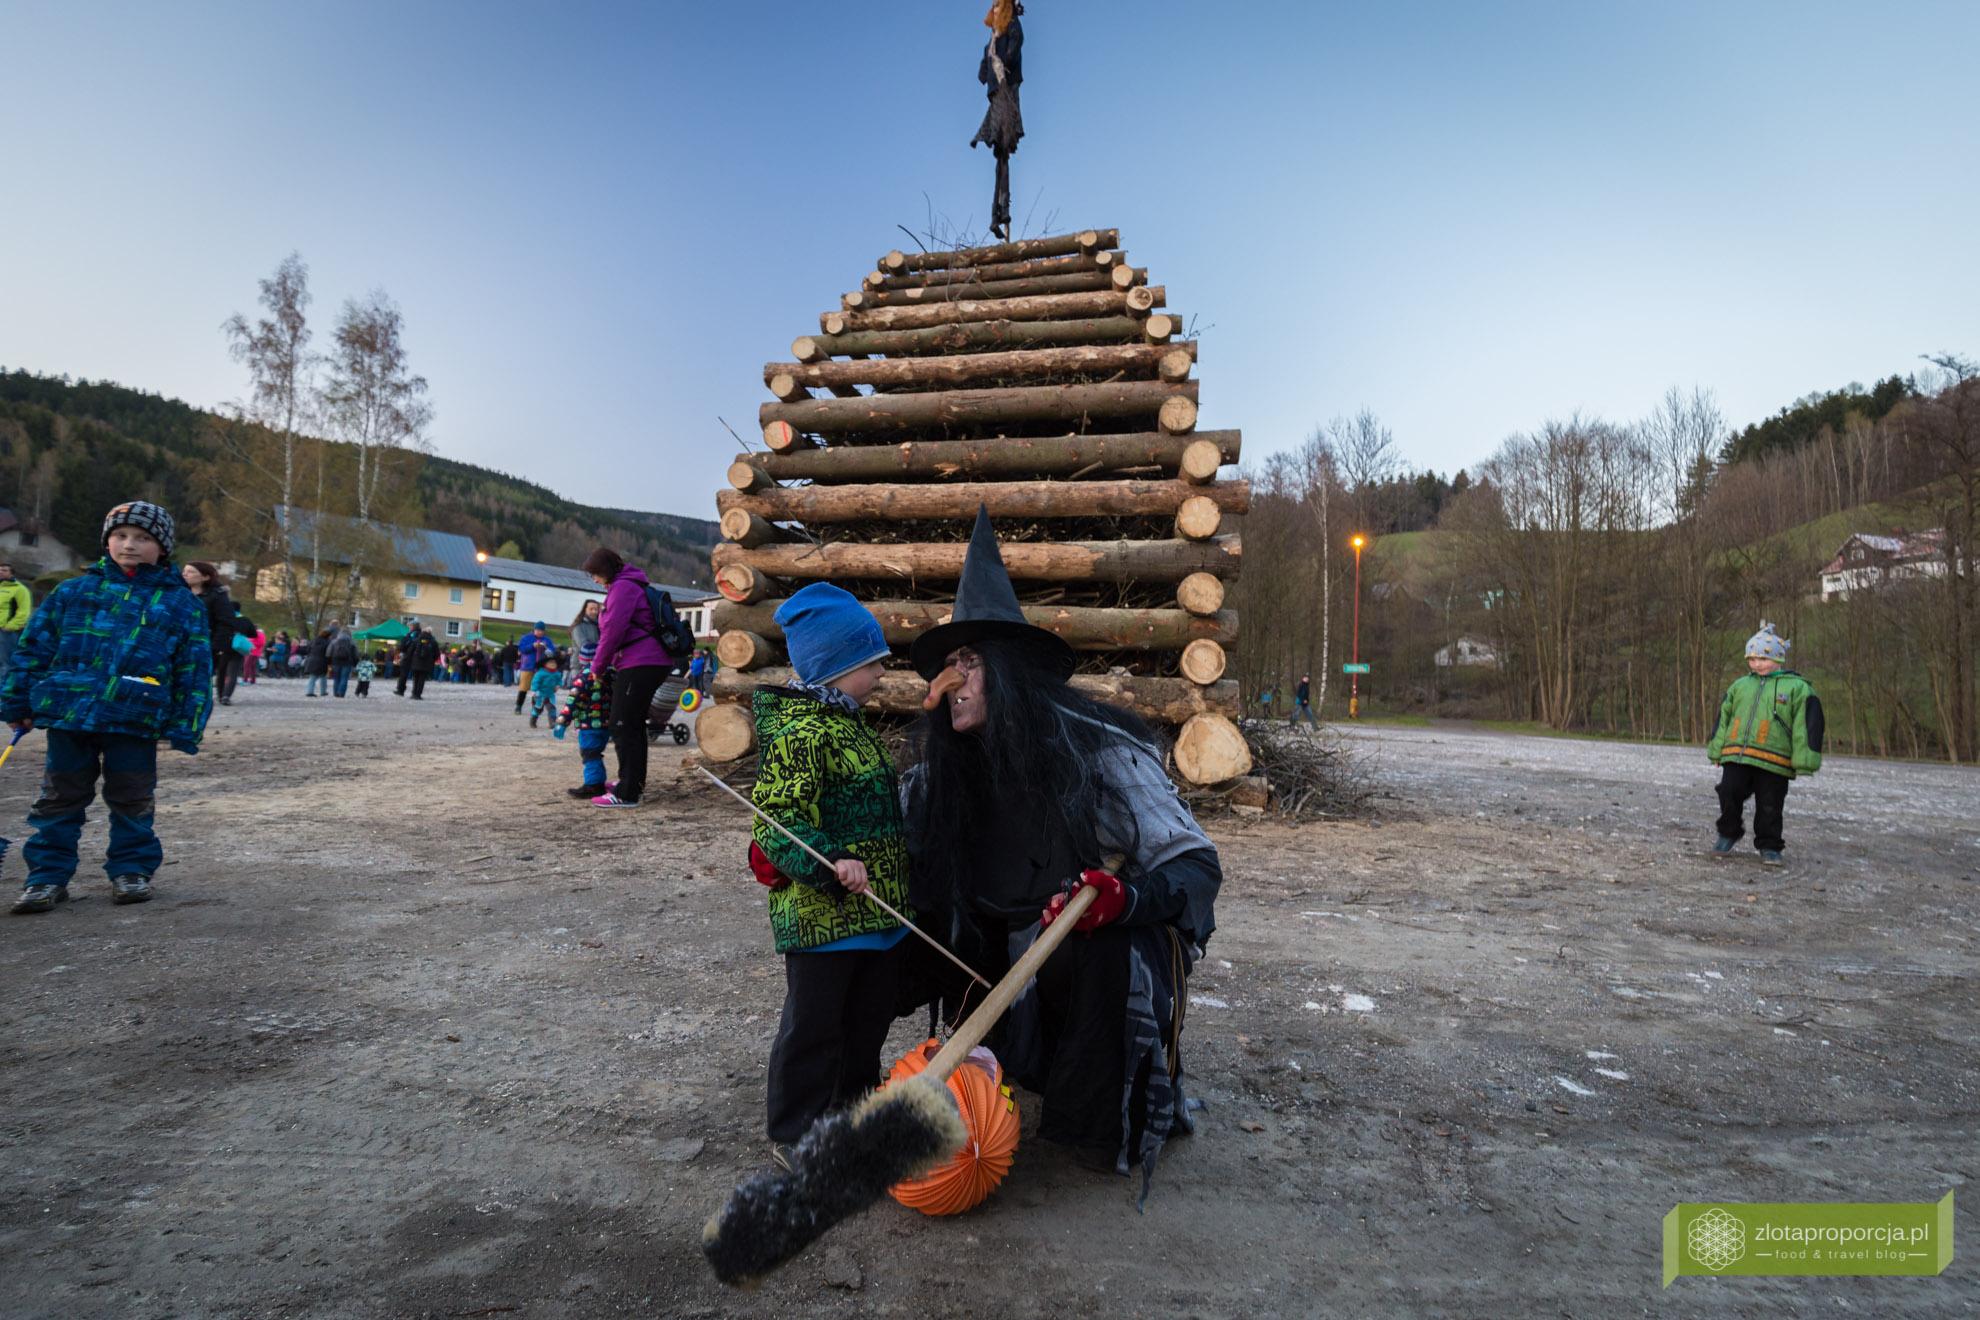 Palenie czarownic w Czechach, święto palenia czarownic, Czechy, atrakcje Czech